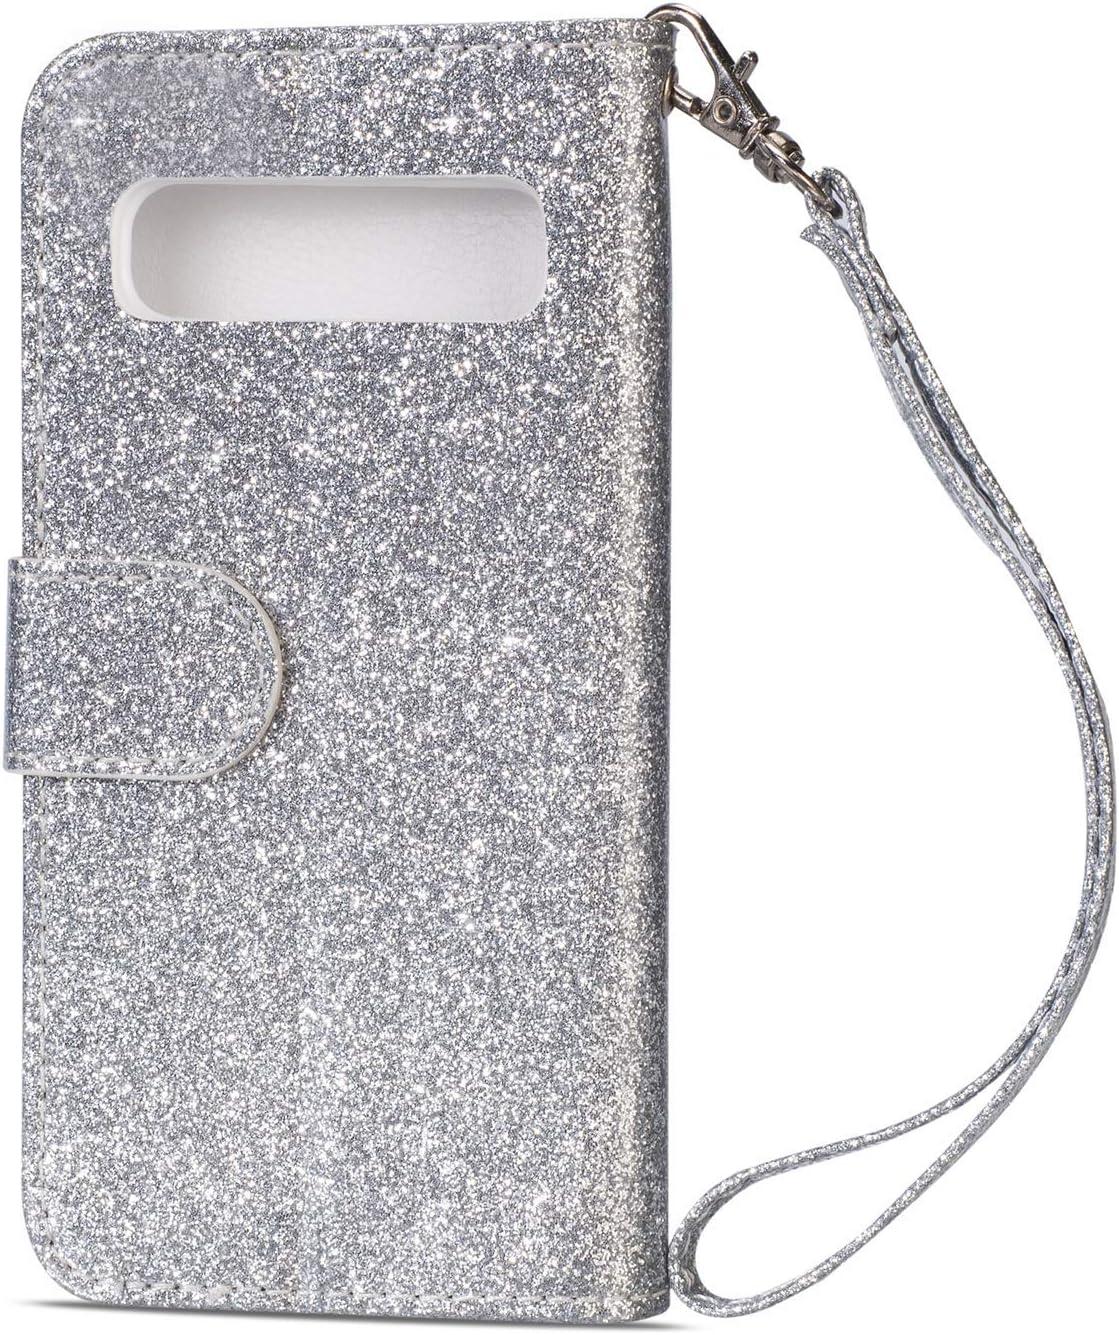 Felfy Compatible avec Coque Galaxy S10e Portefeuille Premium /étui en Cuir PU Housse Glitter Sparkle Flip Magn/étique Cover Case Bumper avec Stand Fonction et Fentes pour Cartes,Argent S10 Lite